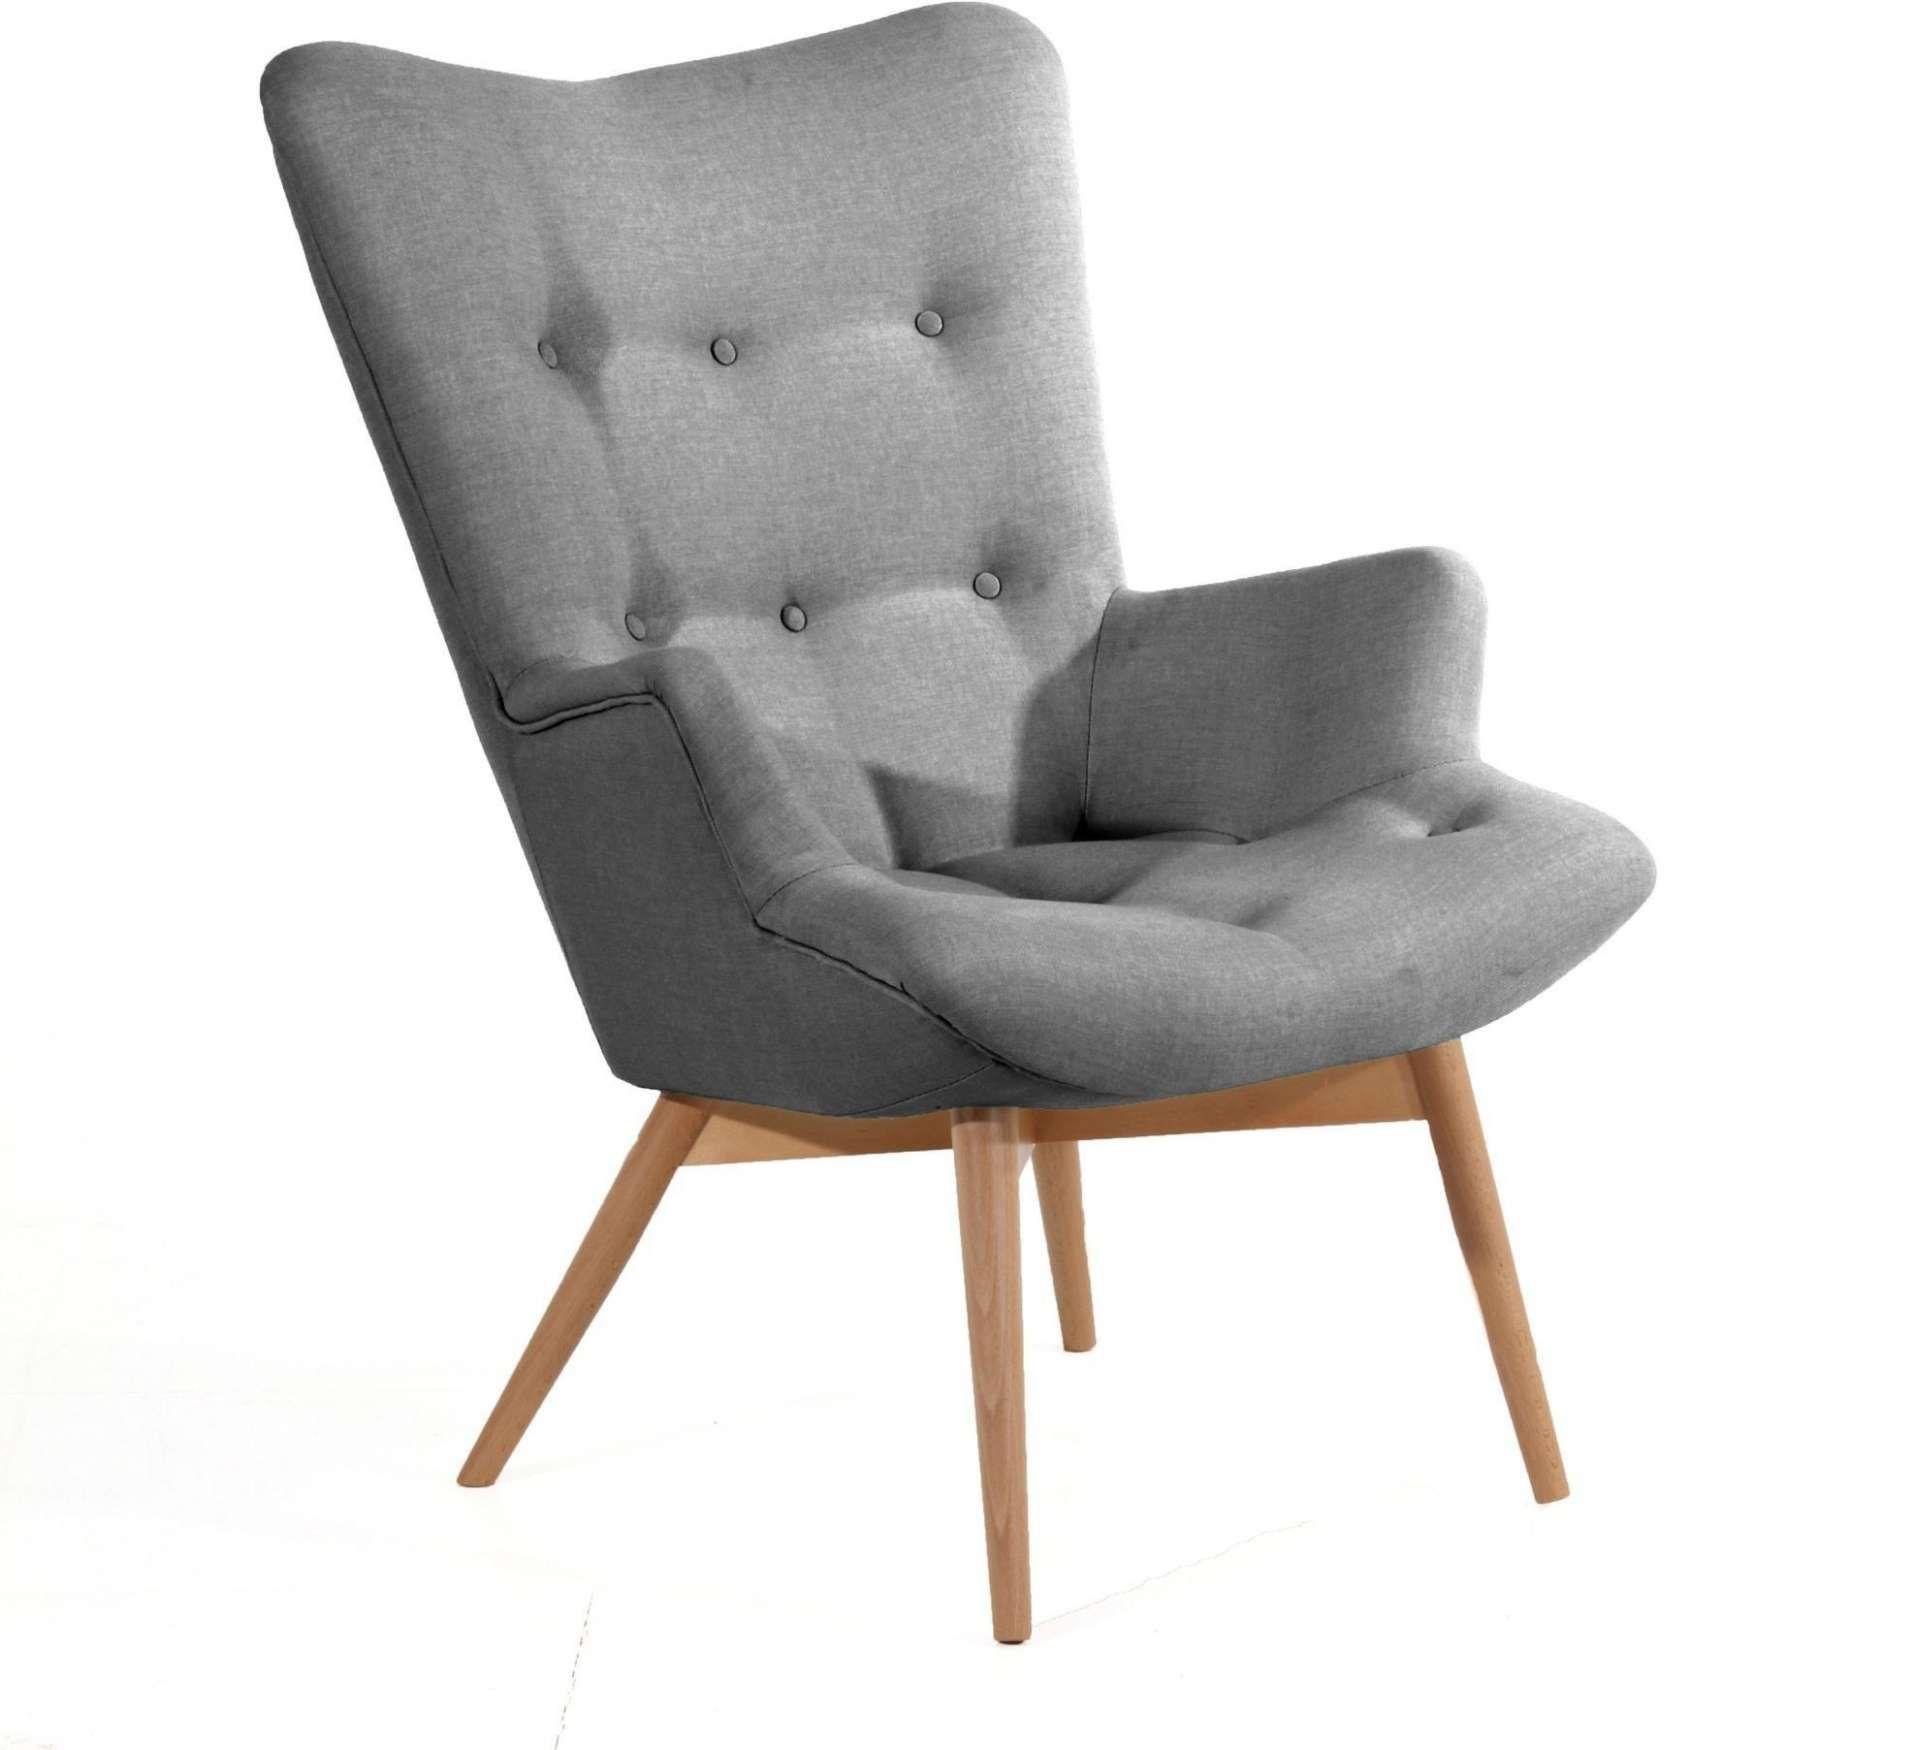 36+ Sessel mit hocker modern 2021 ideen